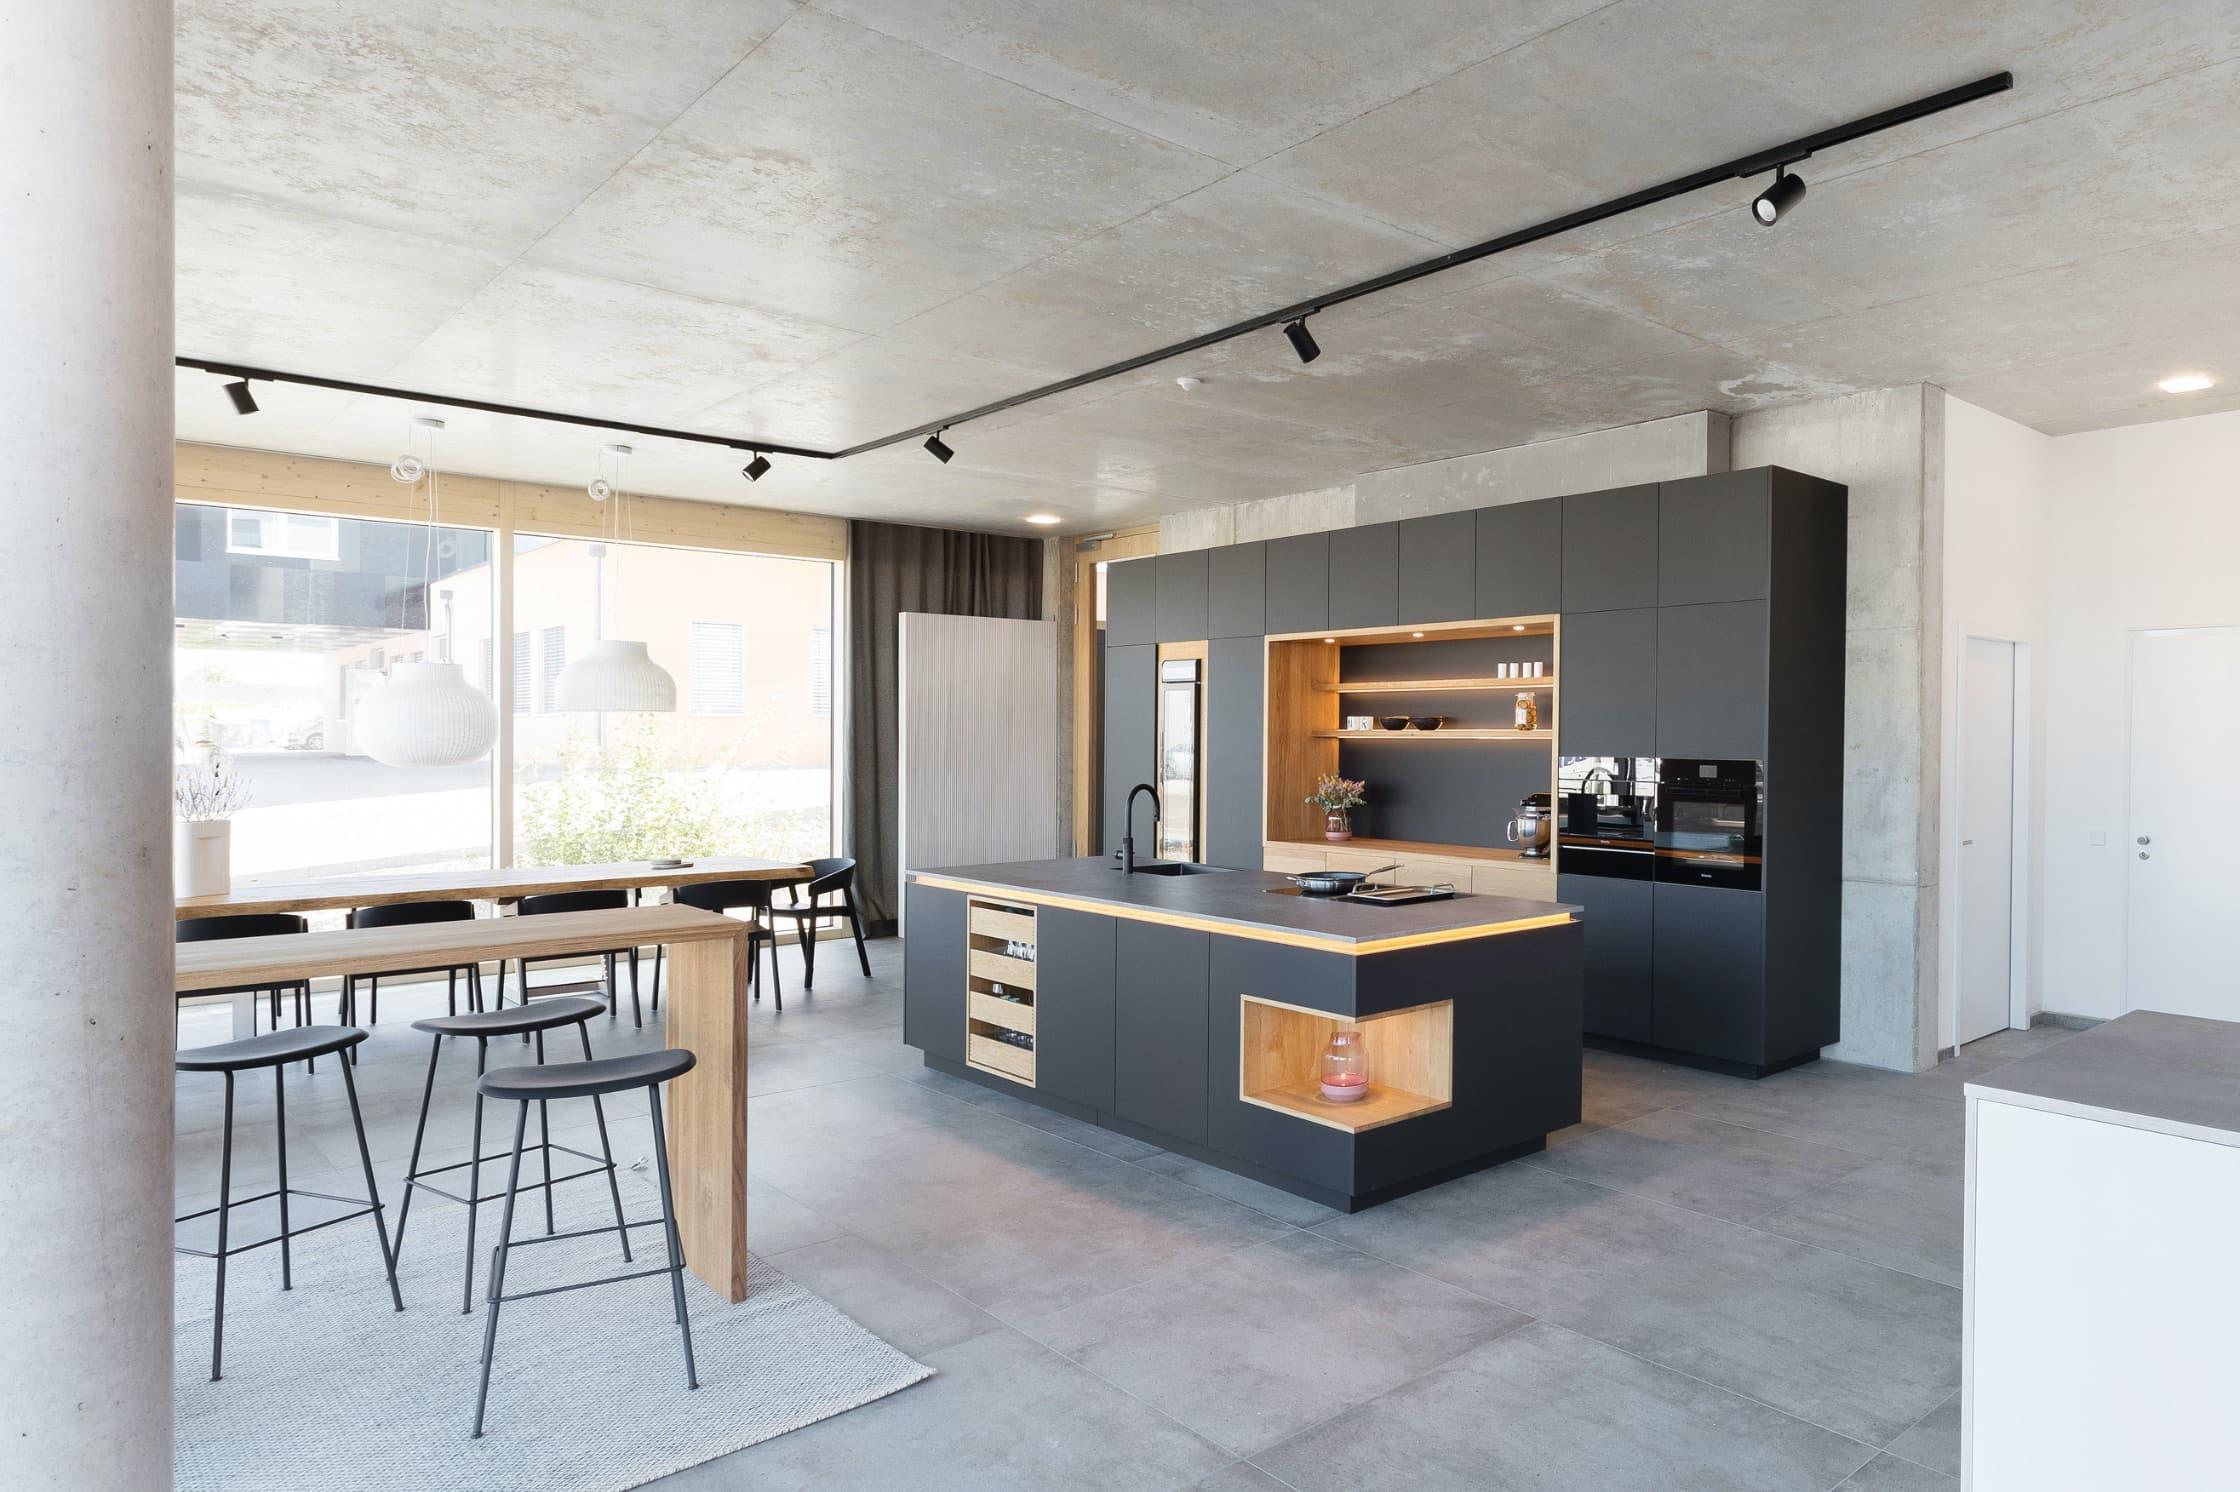 Küche in hochwertiger Schreinerqualität mit modernem Design – nachhaltig und fair